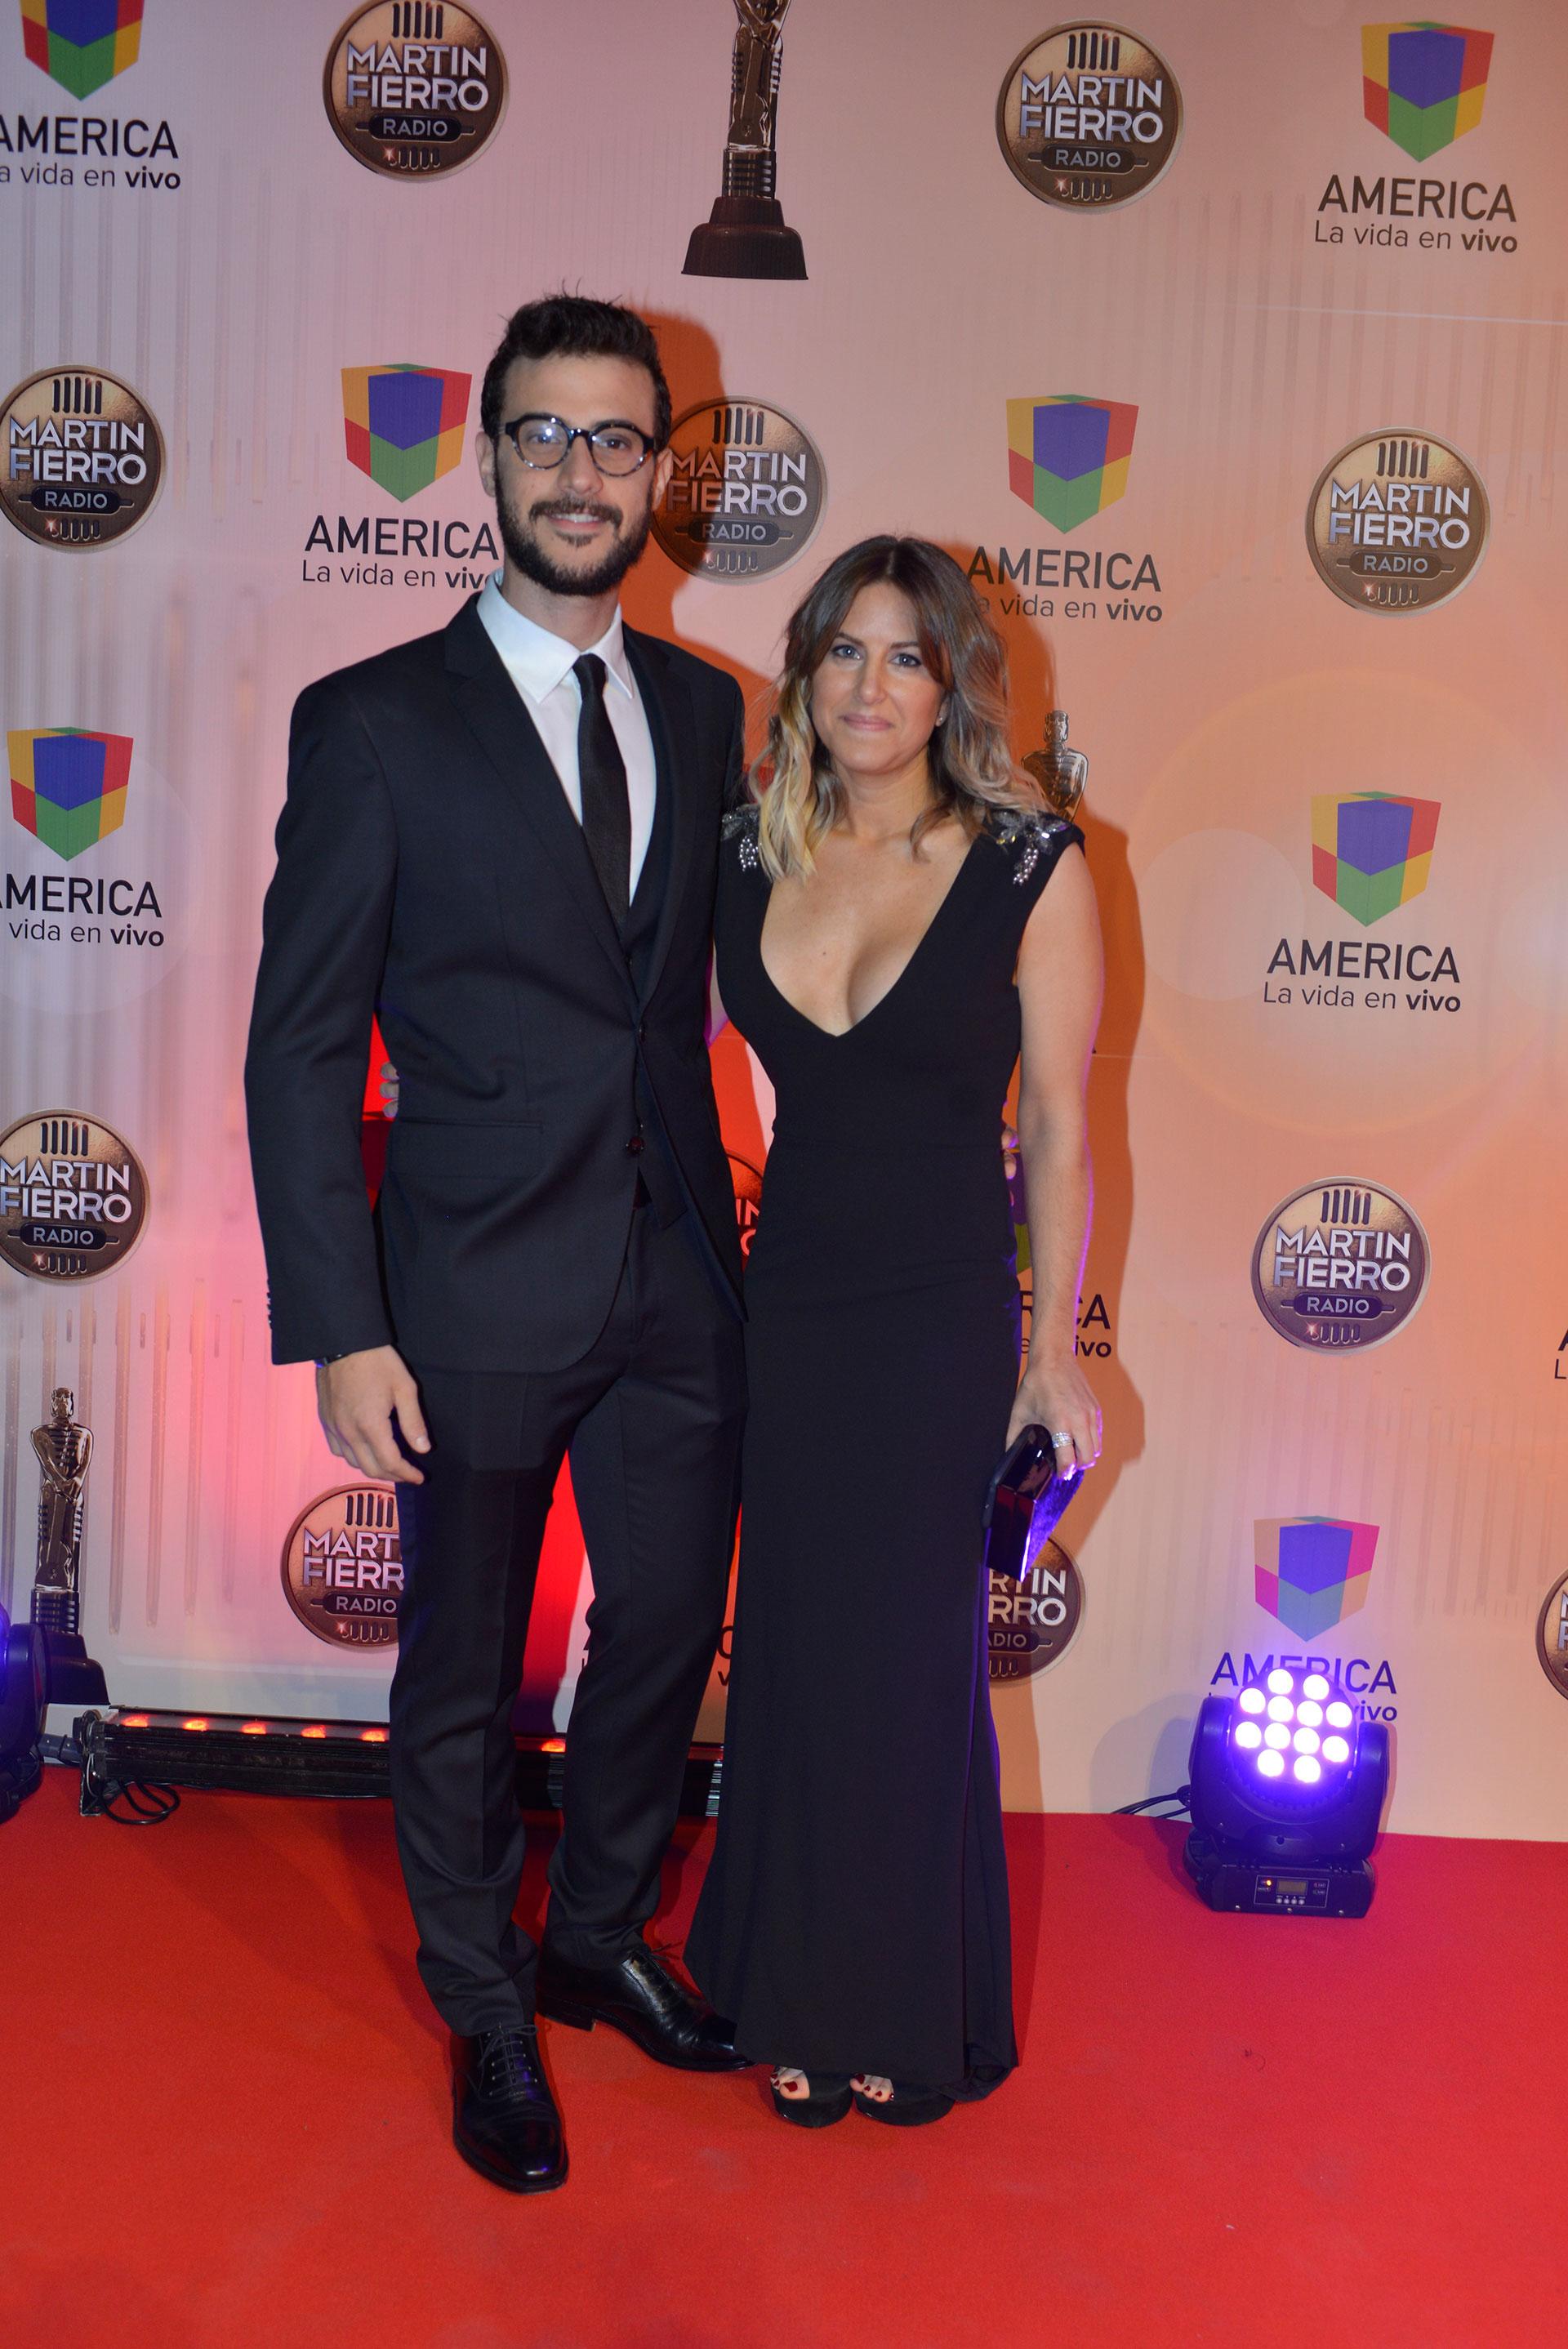 Diego Leuco, ganador como analista político, junto a su novia Daniela, ambos total black.